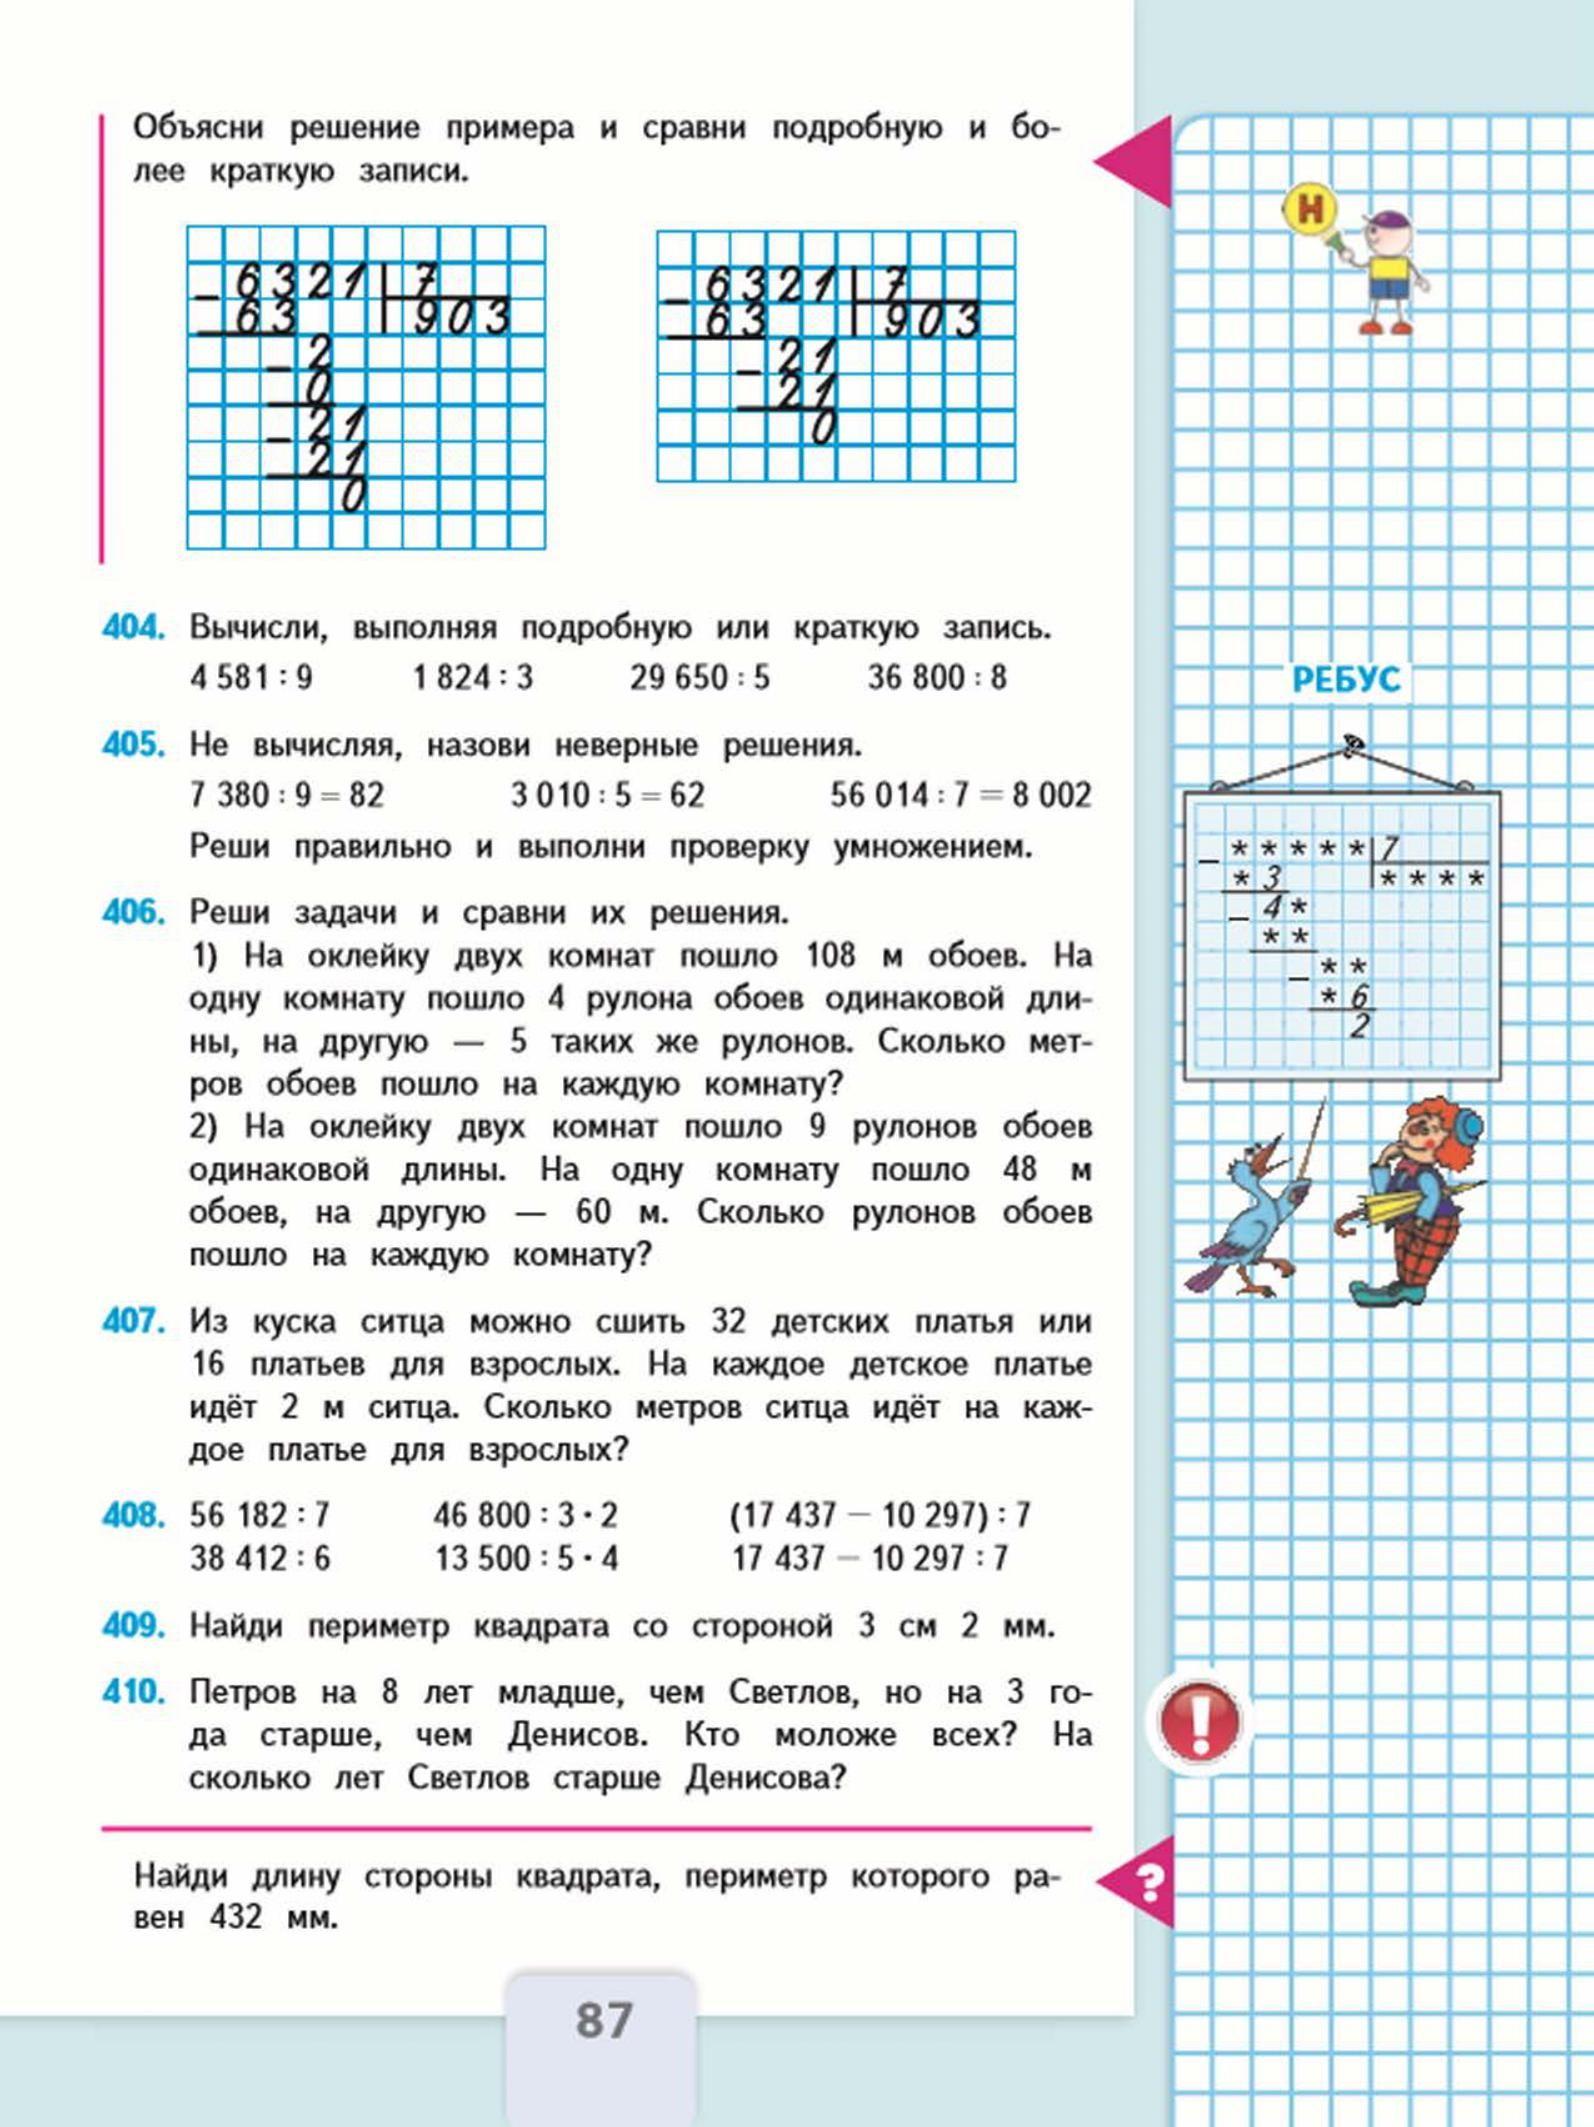 Гдз по татарскому языку 5класс ф.ф.харисов